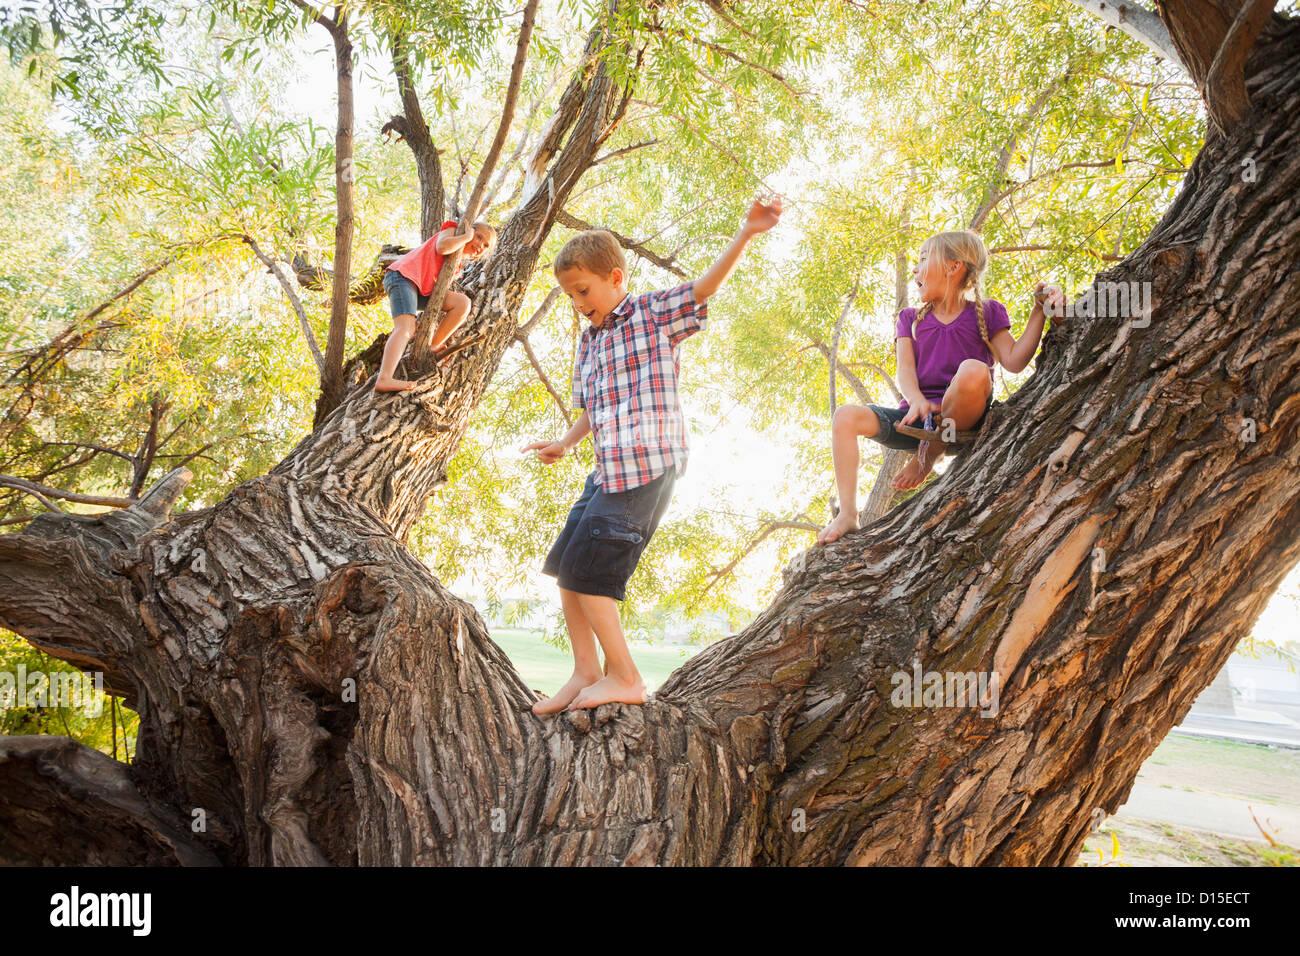 USA, Utah, Lehi, drei Kinder (4-5, 6 und 7) spielen in riesigen Baum Stockfoto